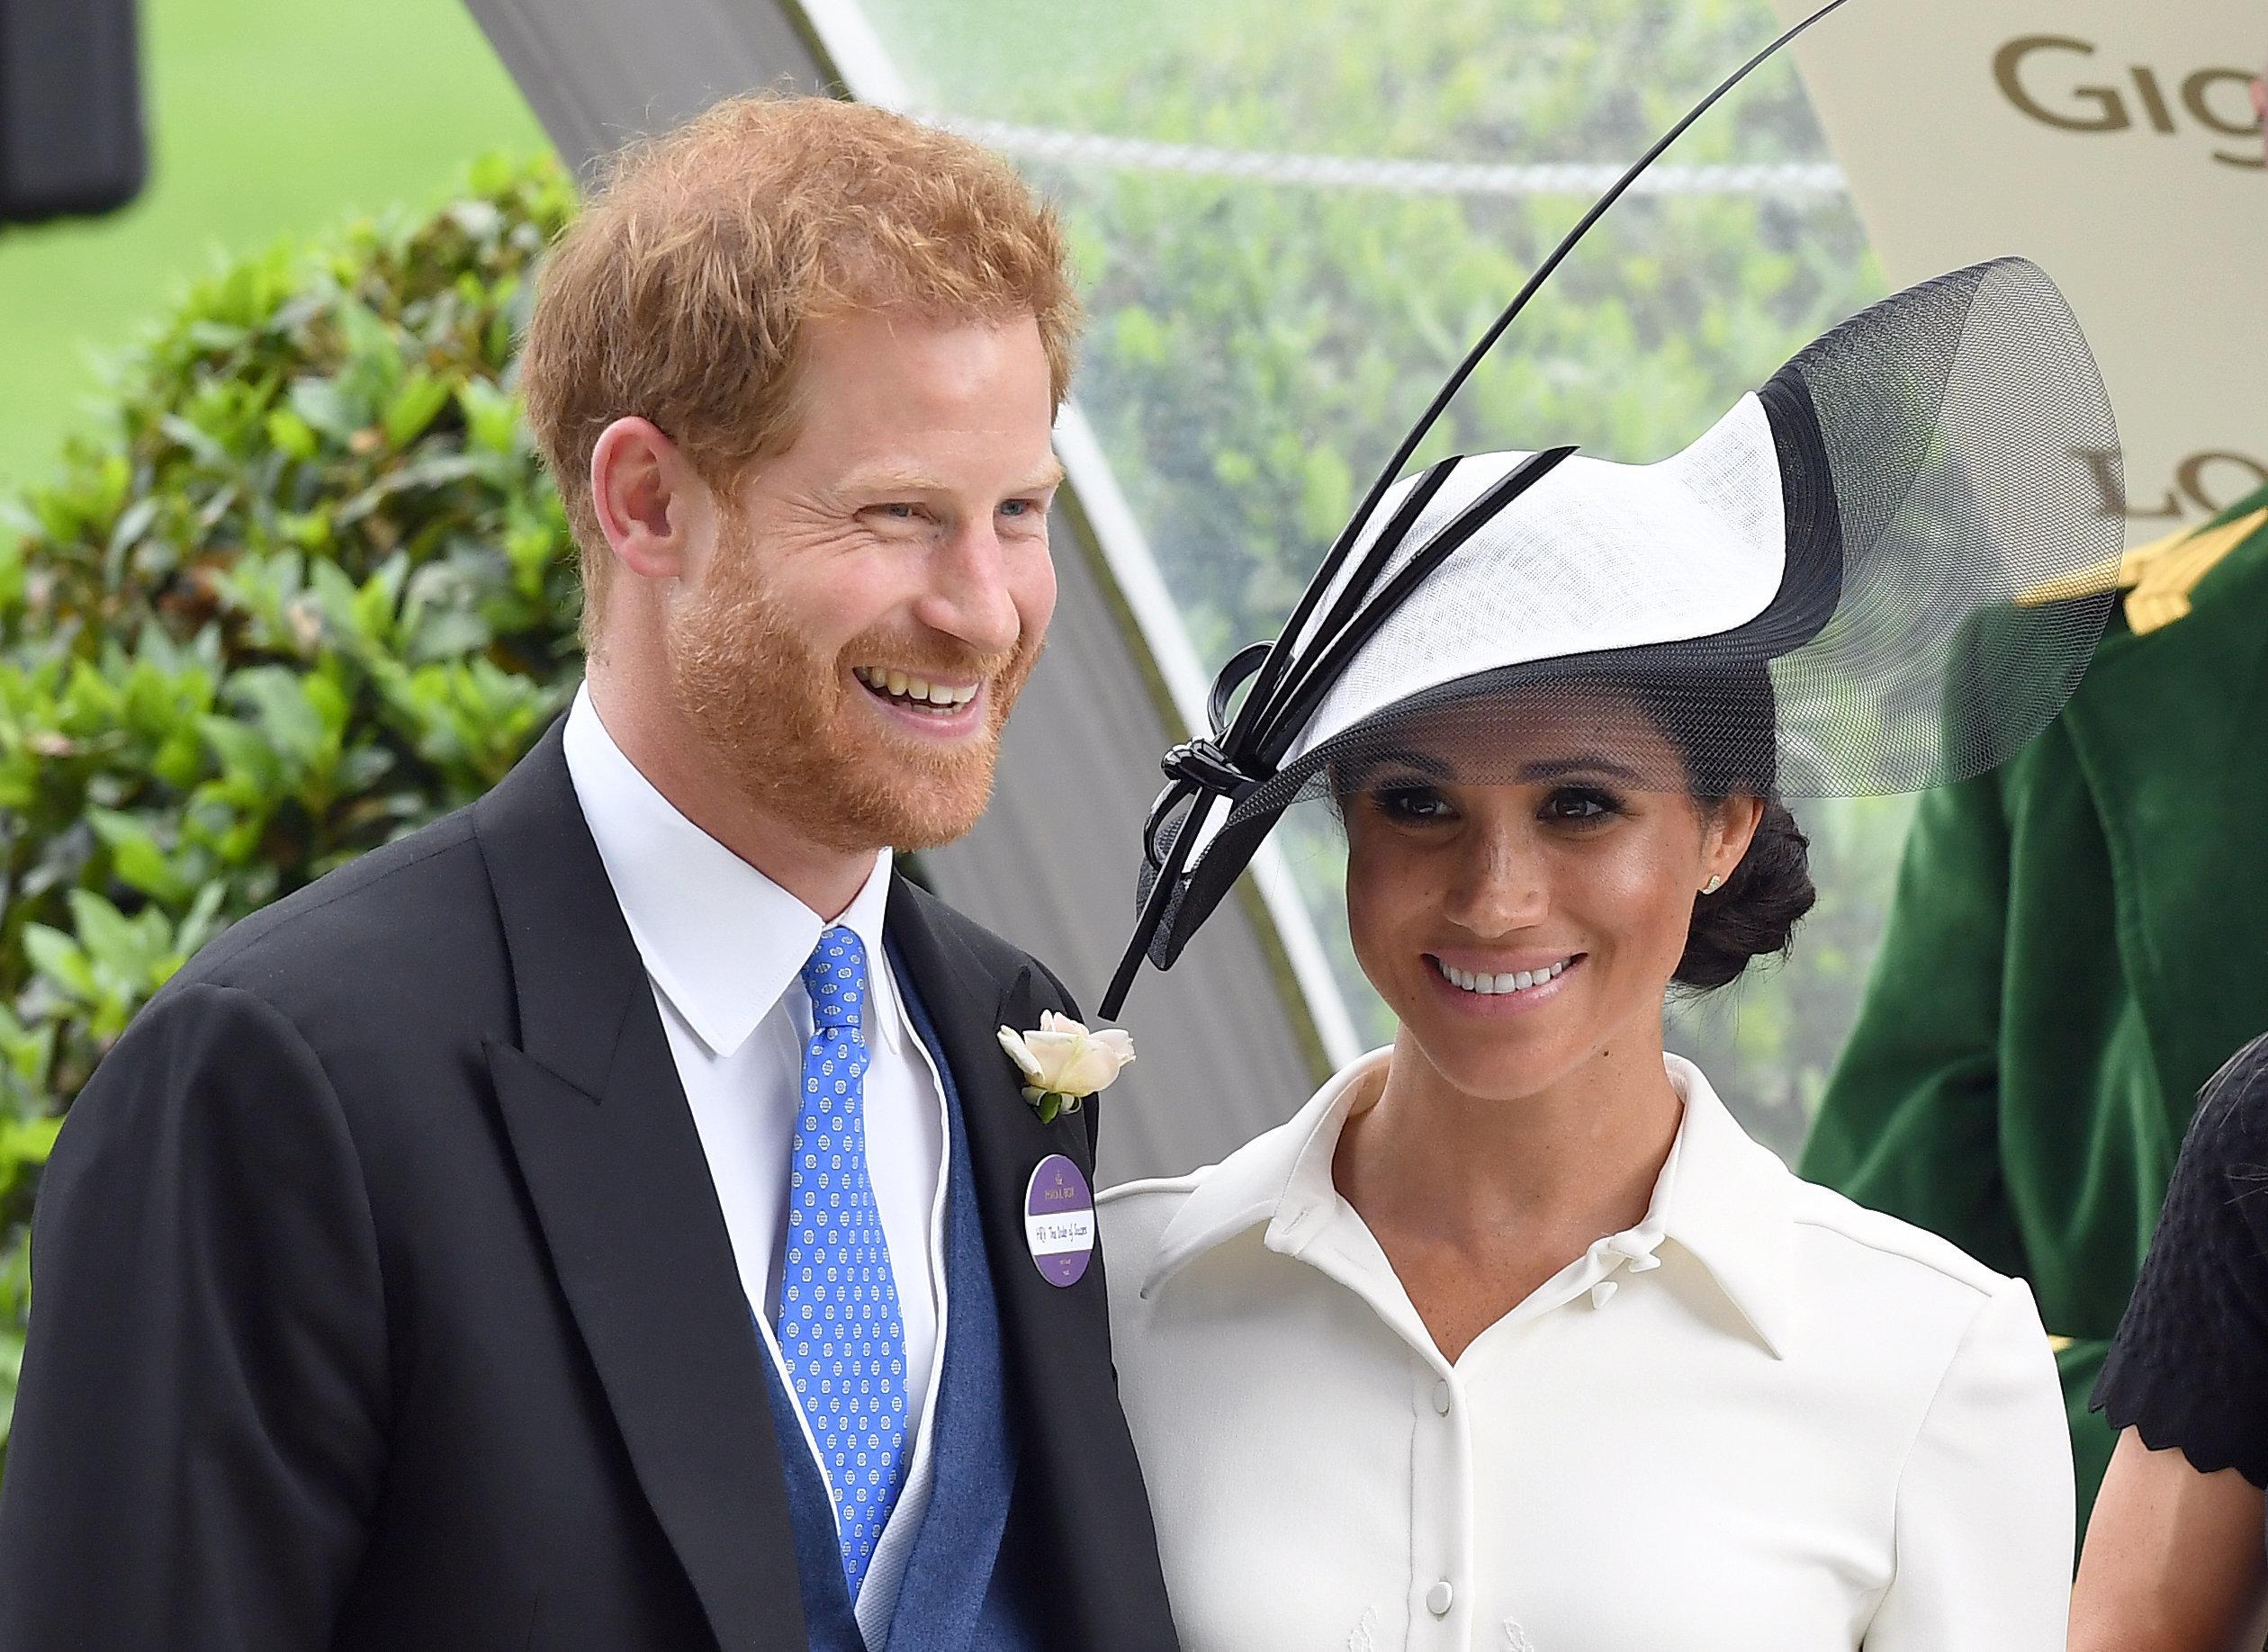 Οι δυσοίωνες προβλέψεις του μέντιουμ της Νταιάνα για τον γάμο του πρίγκιπα Χάρι με την Μέγκαν